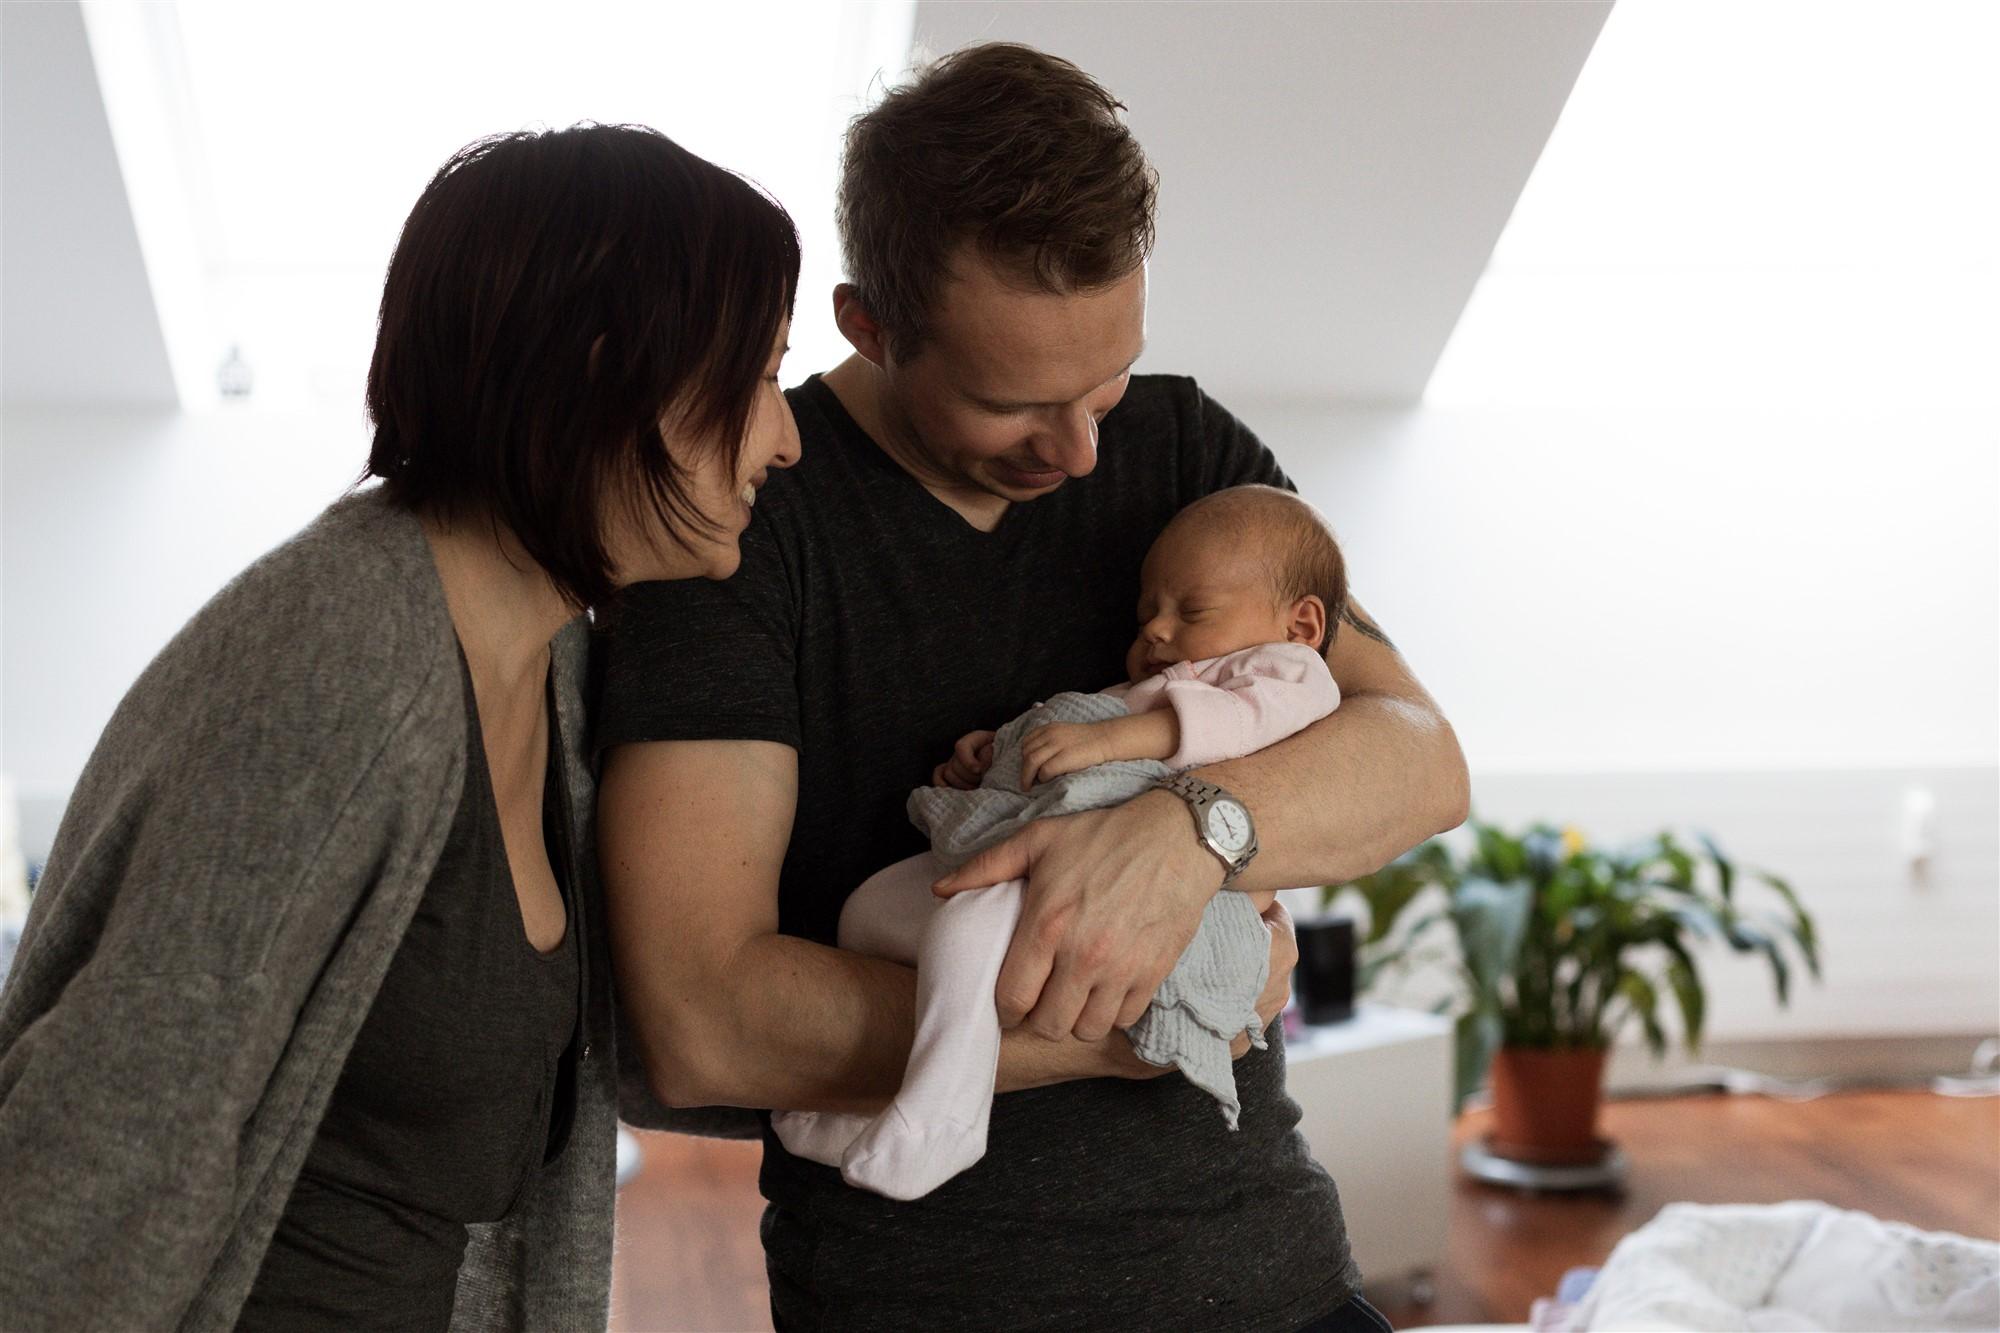 Newborn Homestory Fotoshooting - Die frischgebackenen Eltern mit ihrem Baby